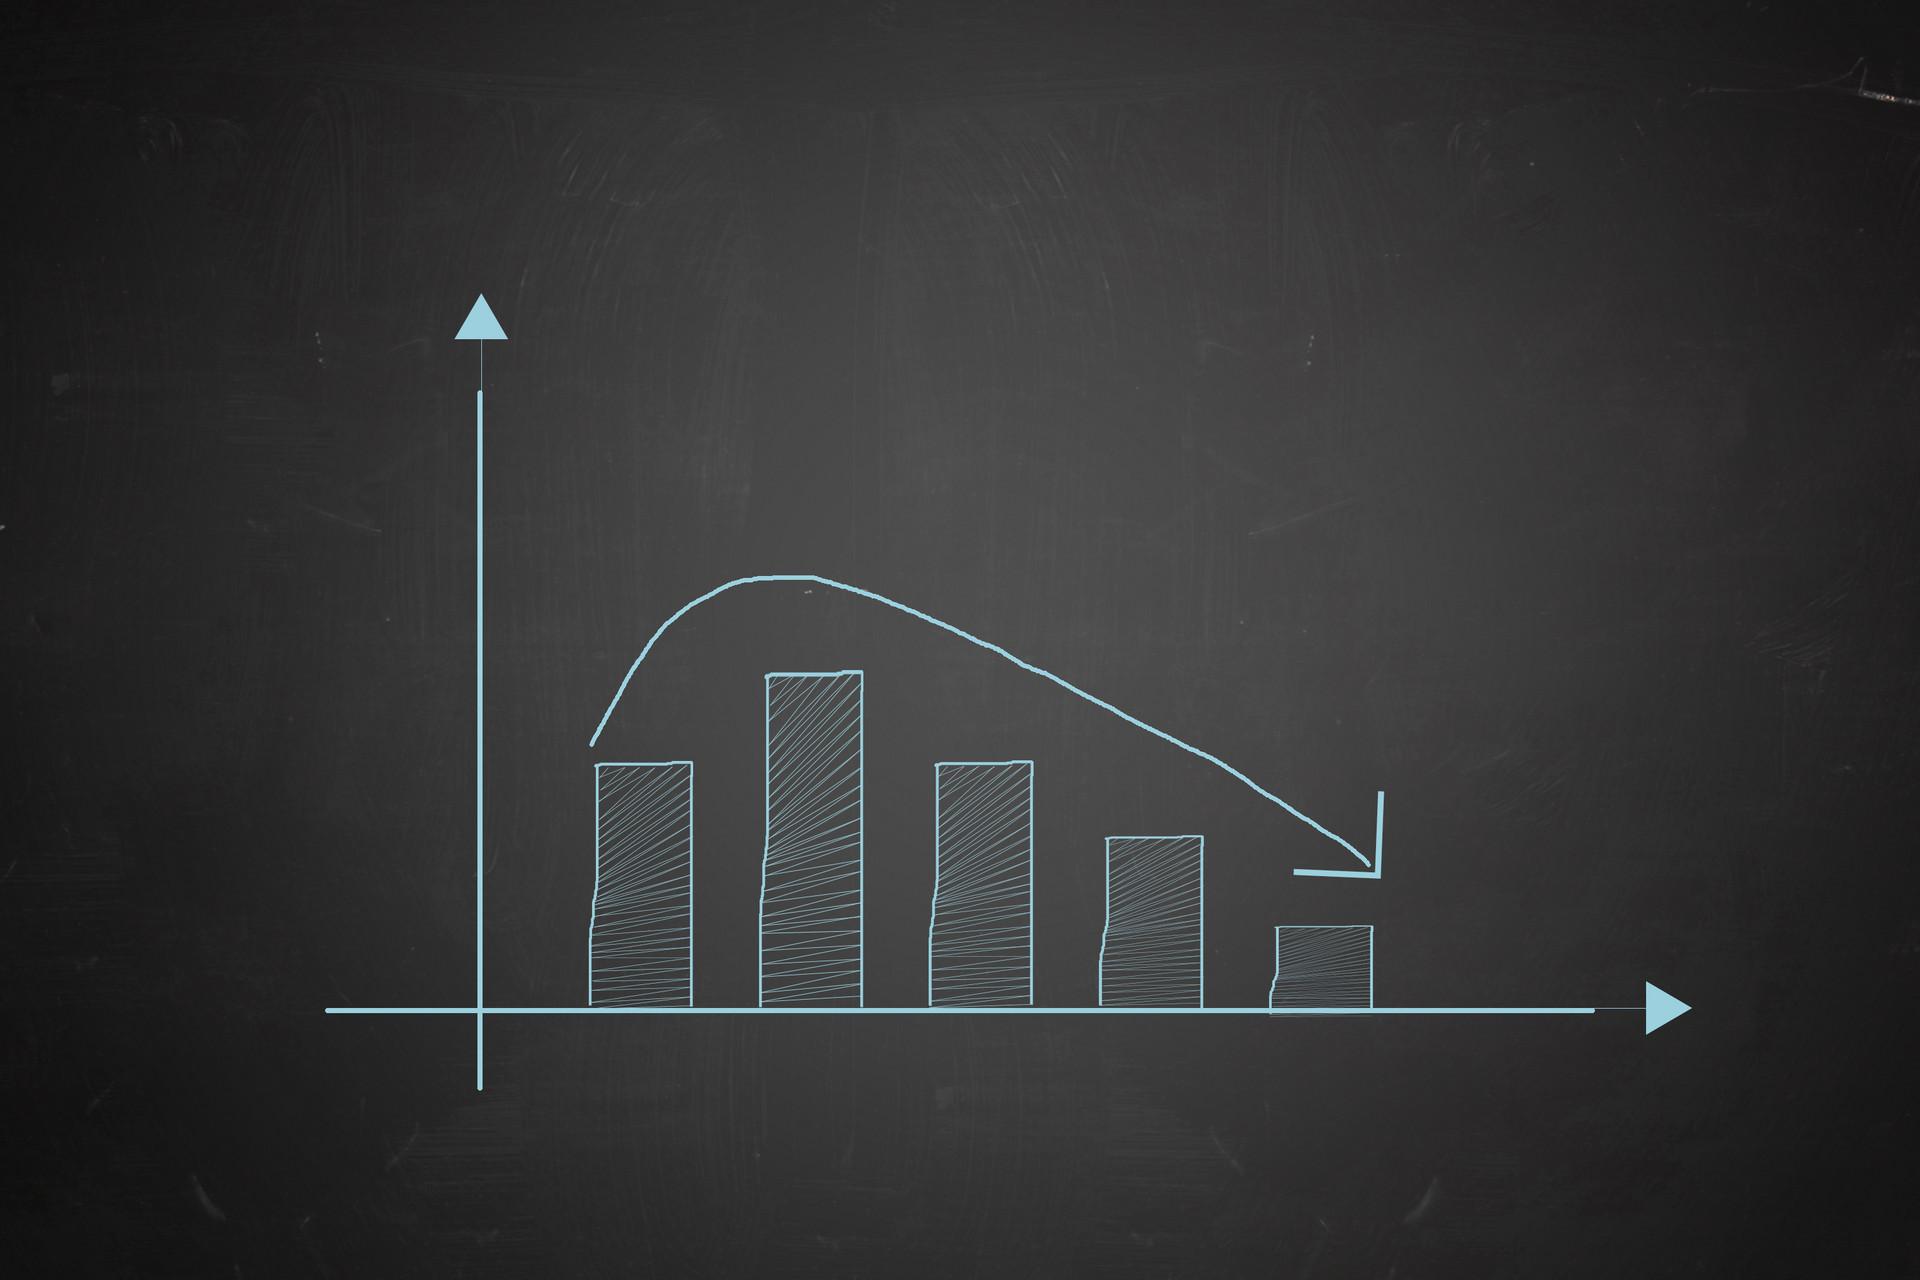 """比亞迪""""新能源神話""""破滅?三季度銷量下滑30% 利潤暴跌超8成"""